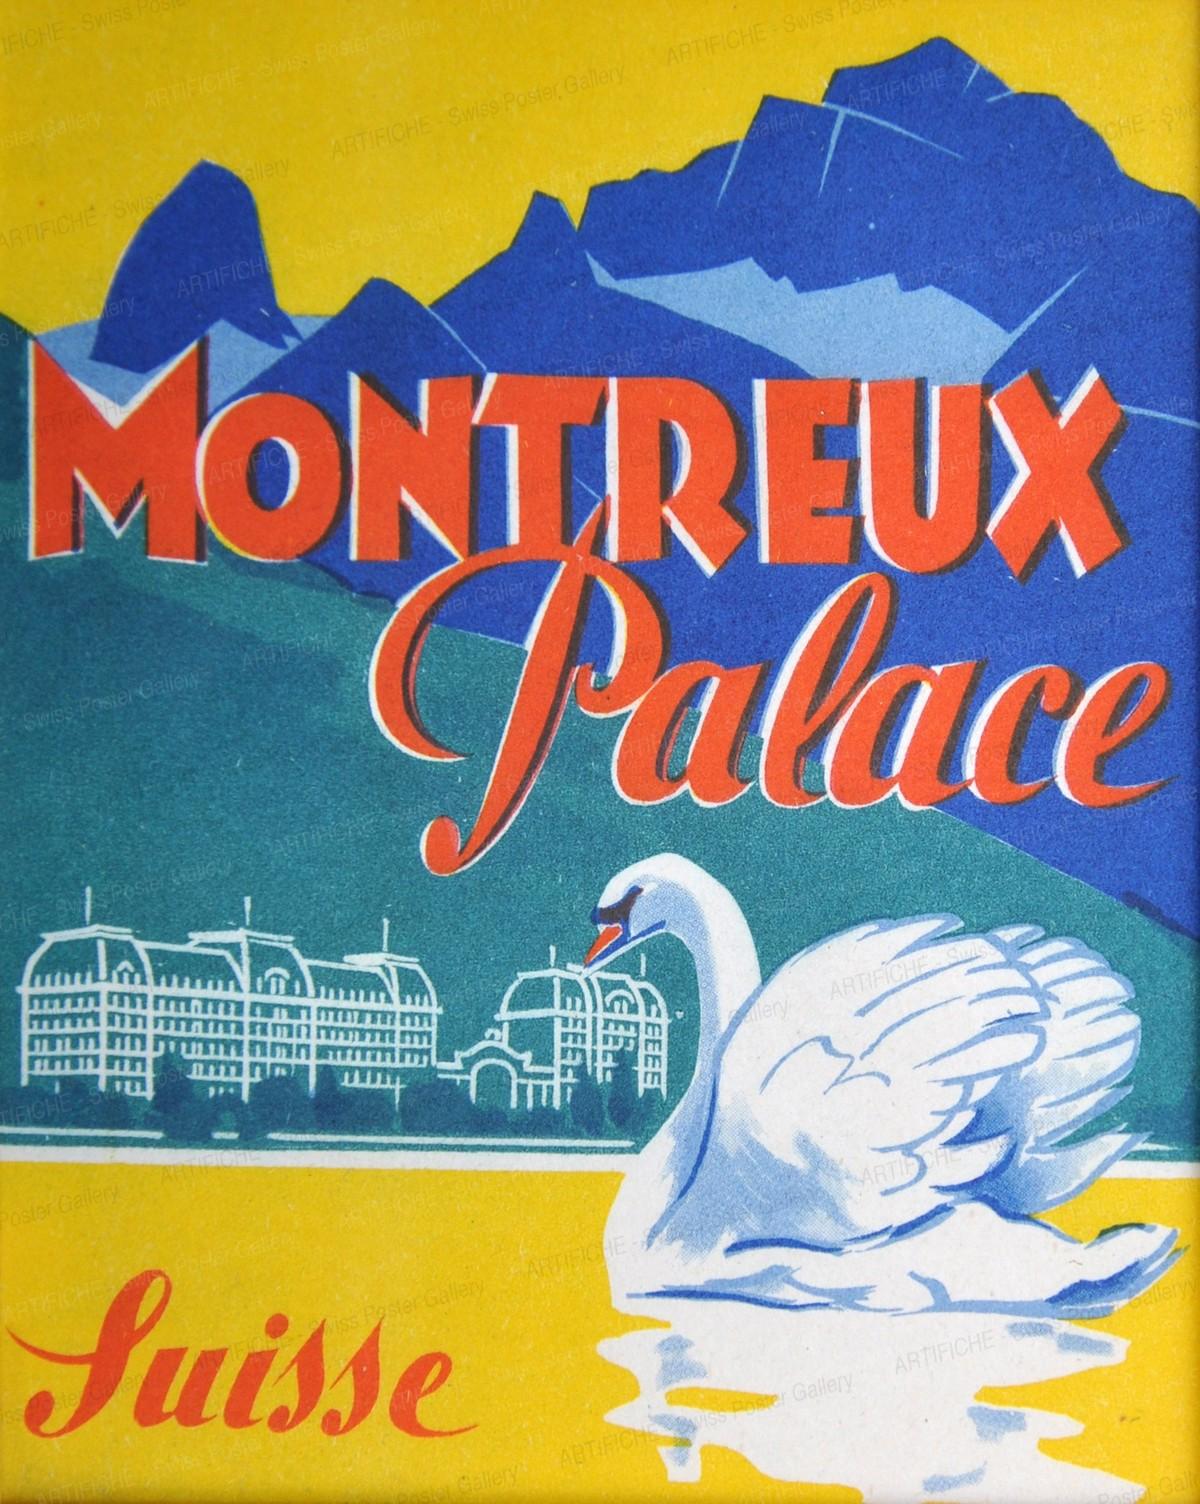 Montreux Palace Suisse, Artist unknown